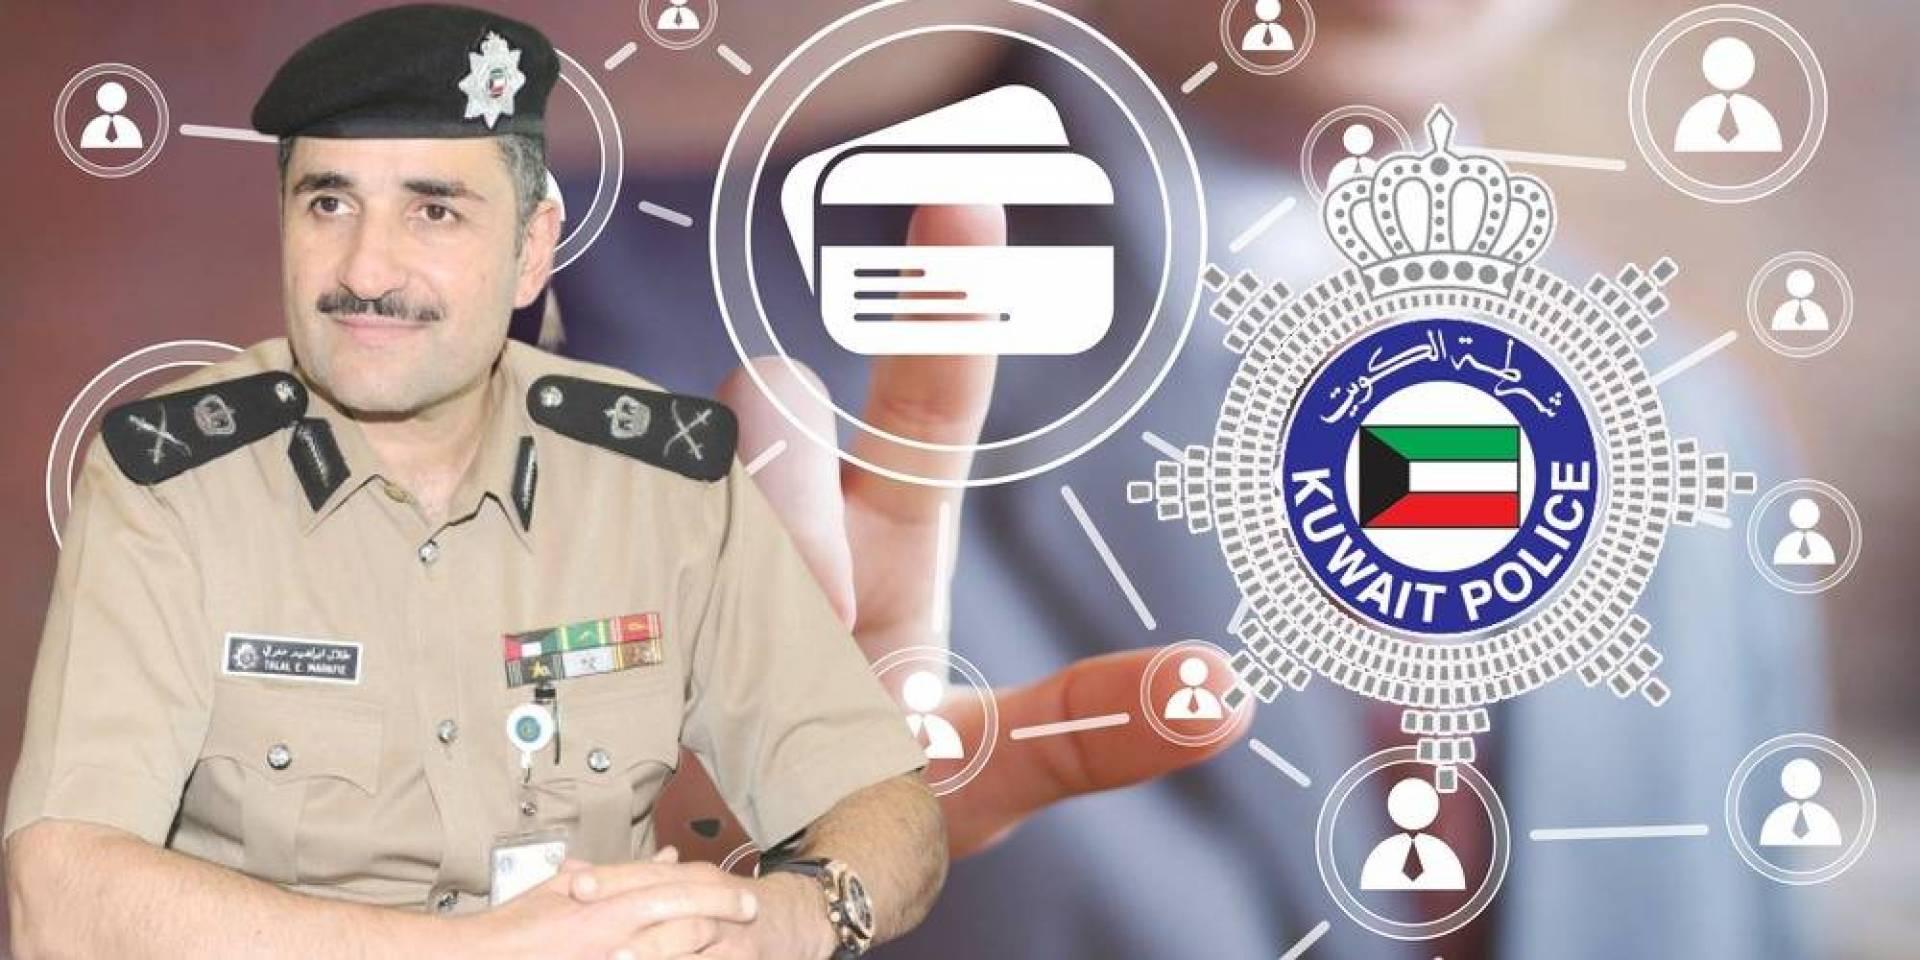 اللواء طلال معرفي: لا غرامات على المواطنين والمقيمين في شؤون الإقامة خلال الإجازة